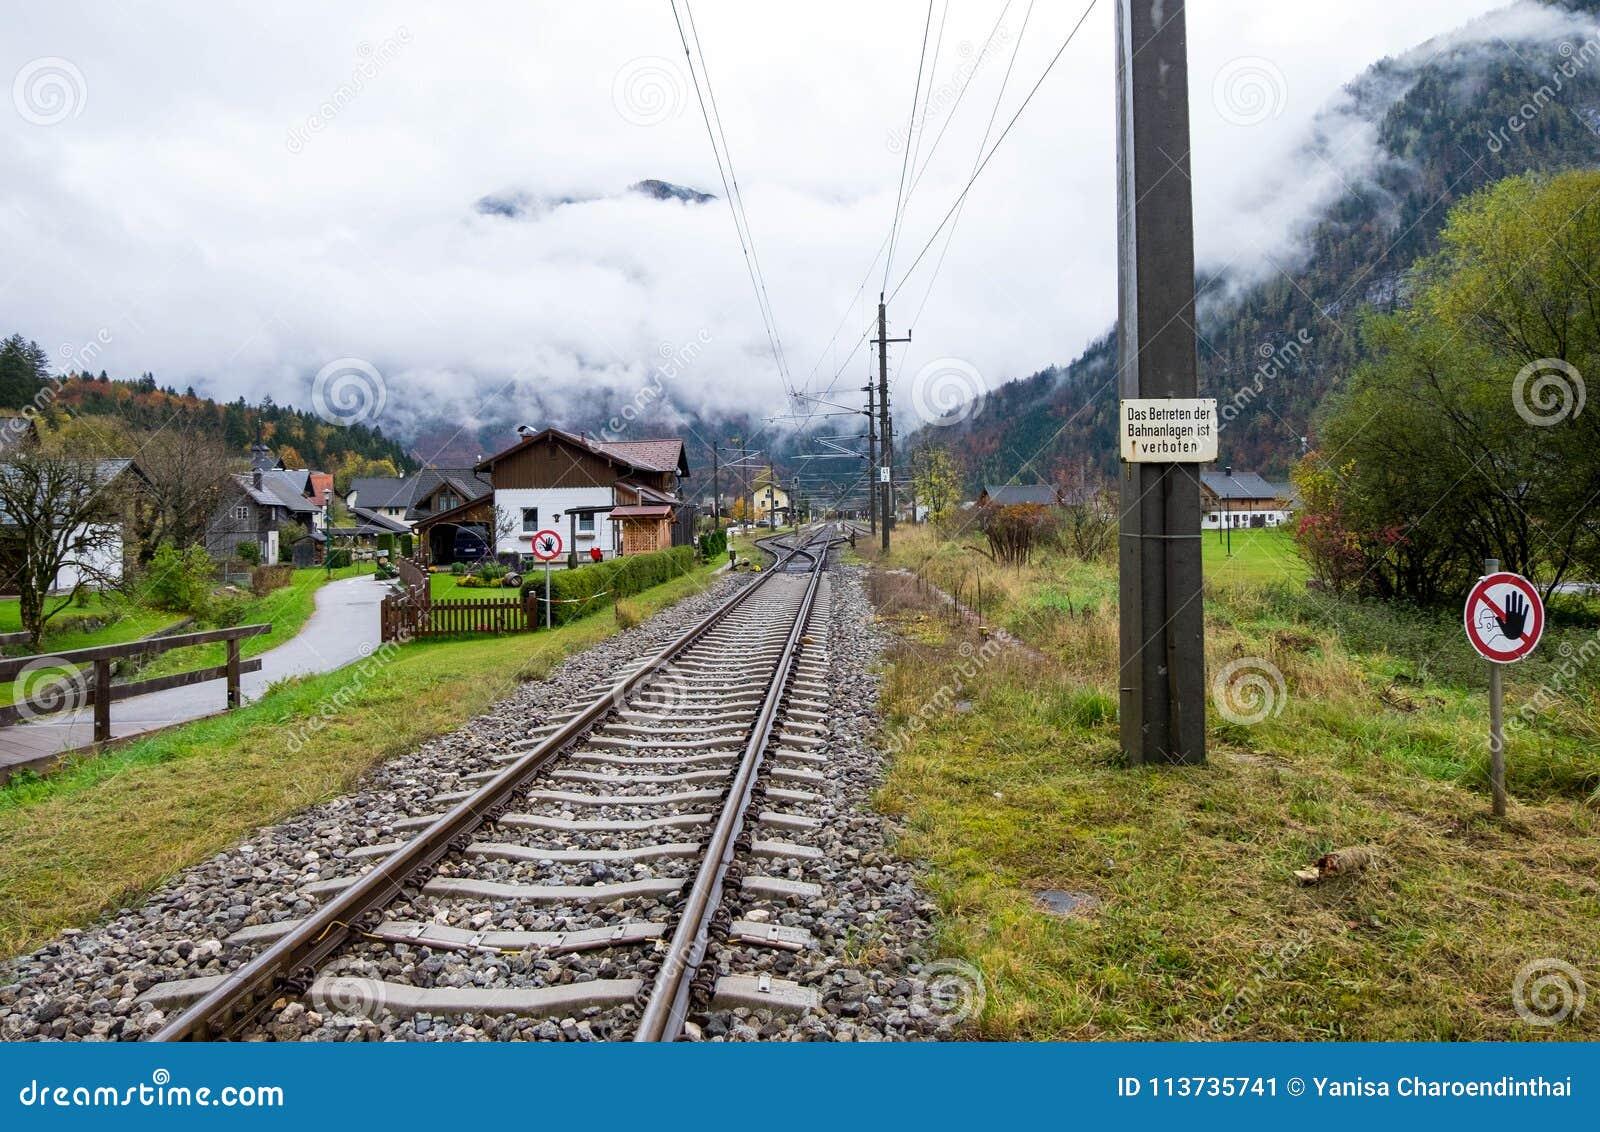 Spoorweg over midden van Obertraun-stad Het weer was zo bewolkt en klaar te regenen om het even welke tijden